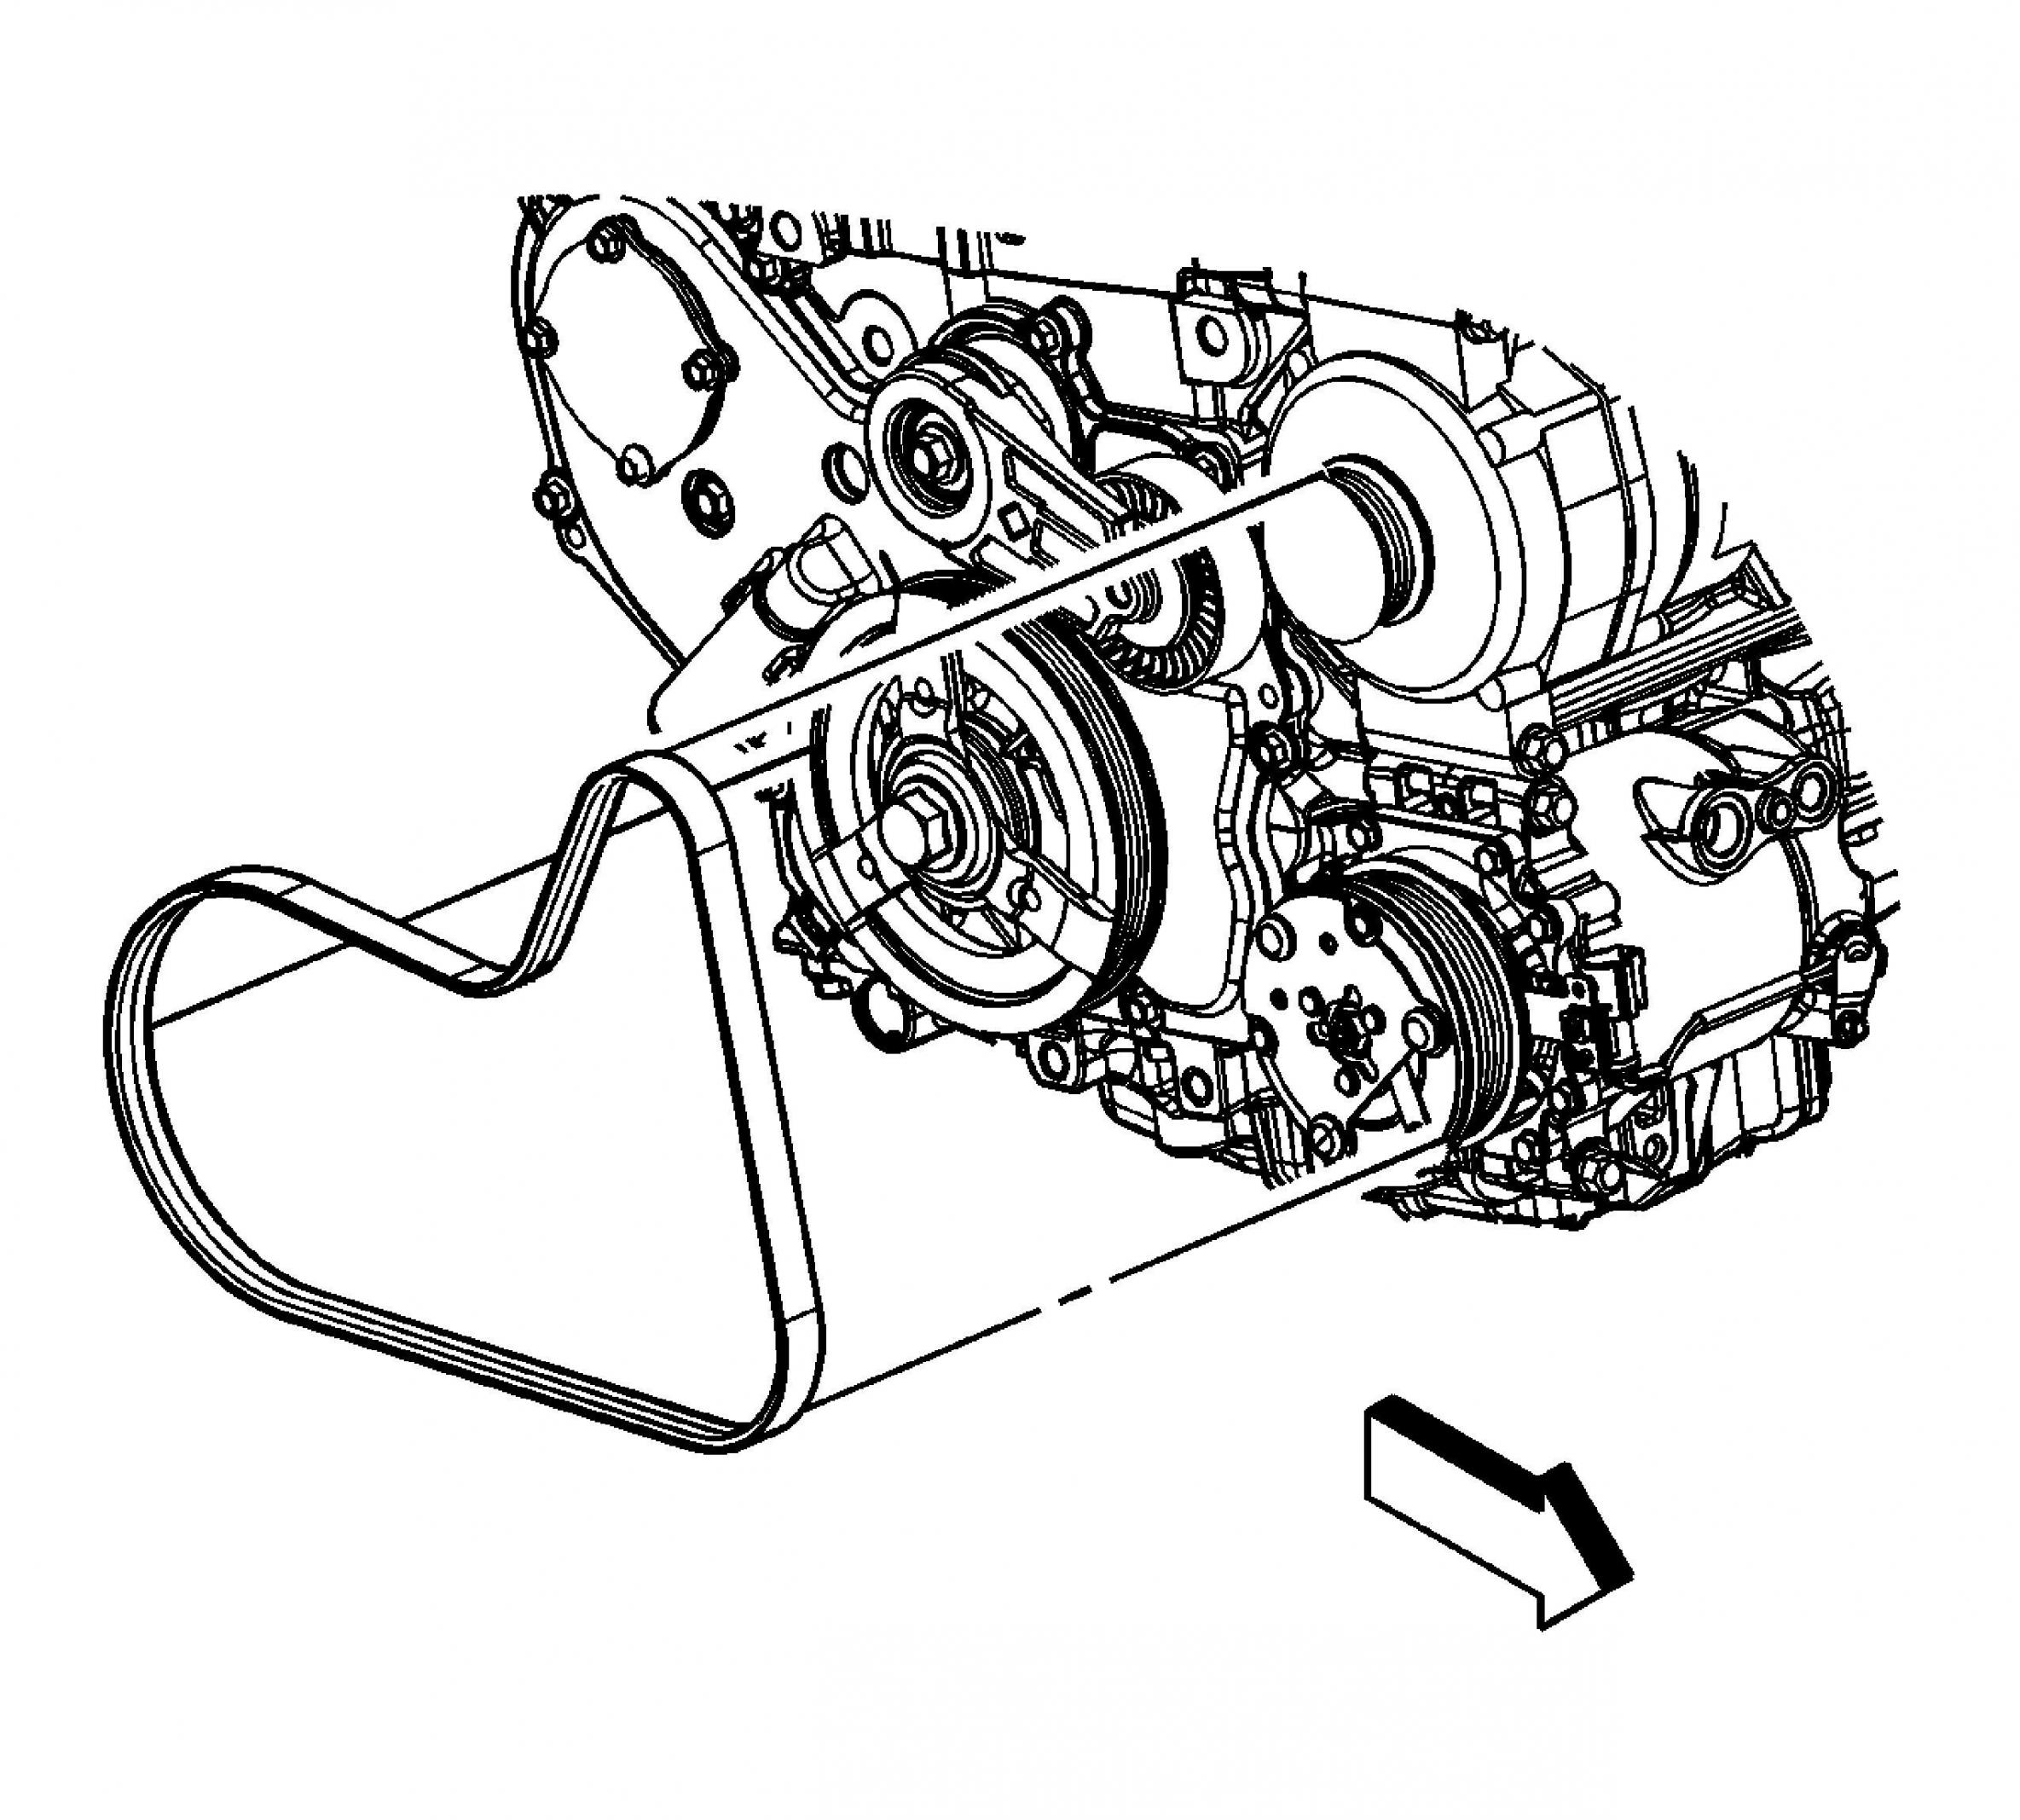 Chevy Hhr 2 2 Engine Diagram Wiring Diagram Plunge Yap Plunge Yap Lastanzadeltempo It